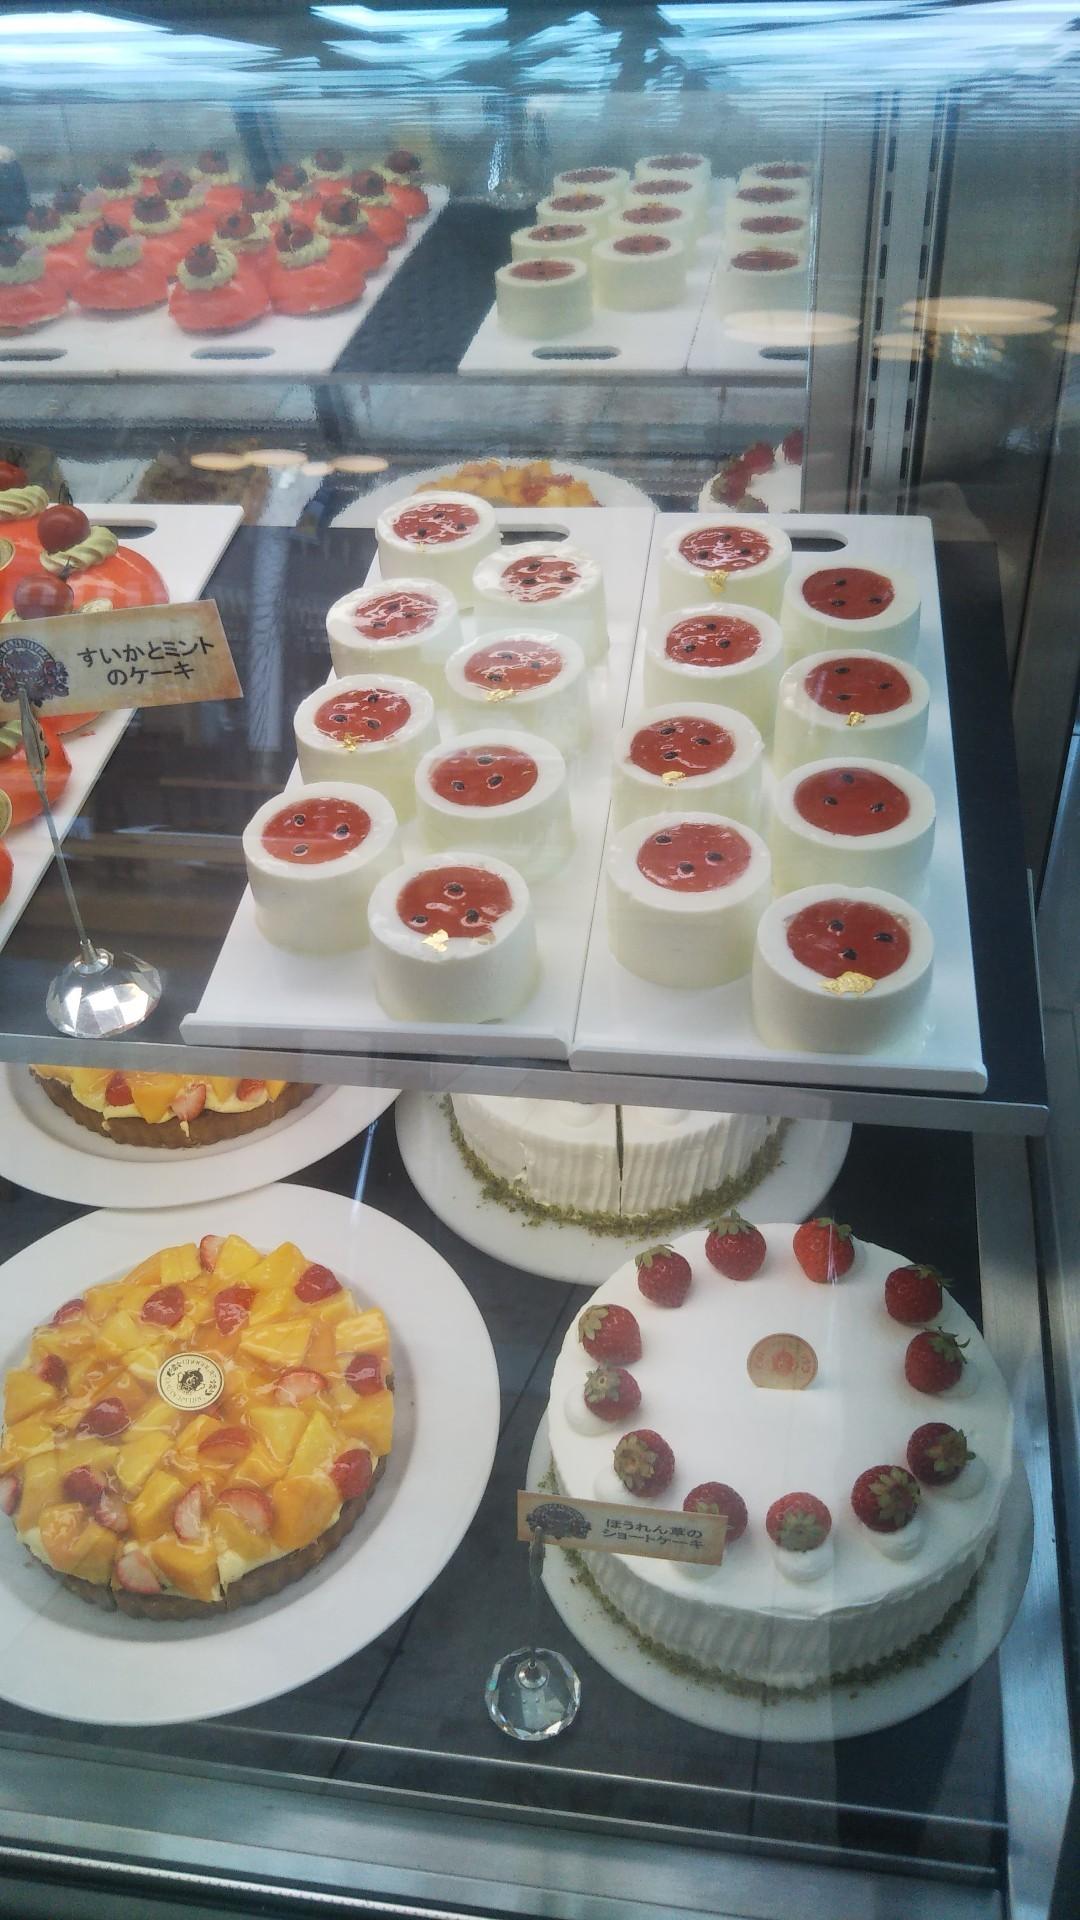 シャトレーゼ ガトーキングダムサッポロ ヴィーニュ Dessert Buffet~夏のべジスイーツフェア~_f0076001_23405593.jpg